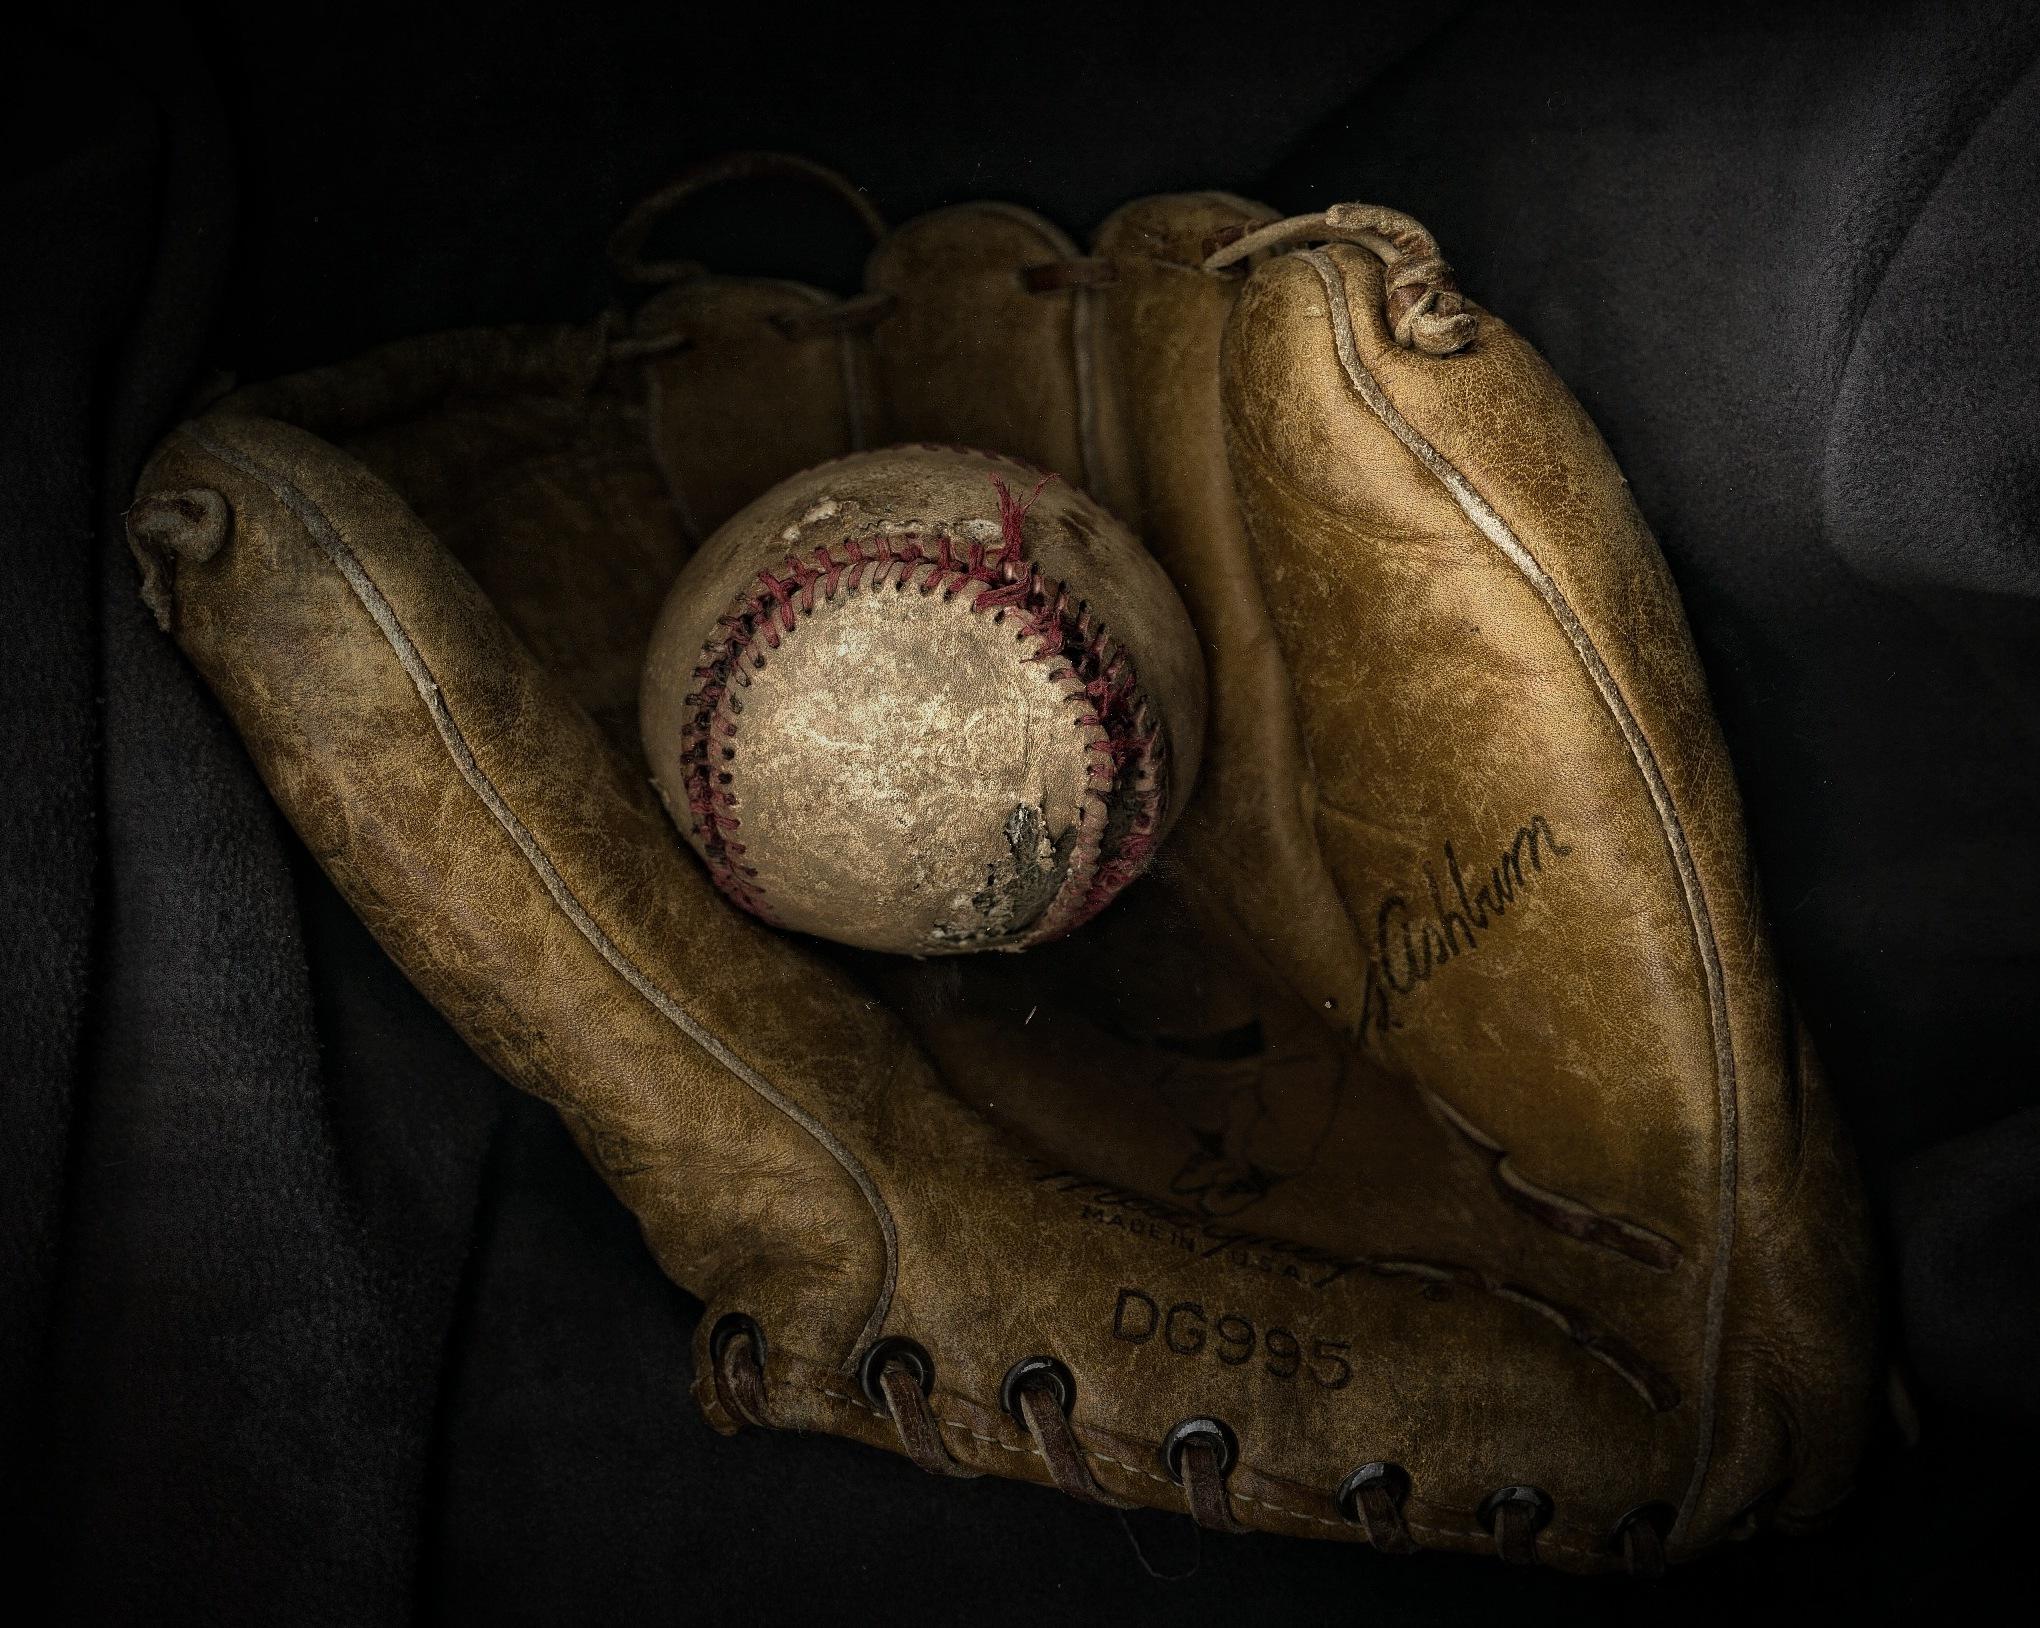 baseball and glove by Tony Kao